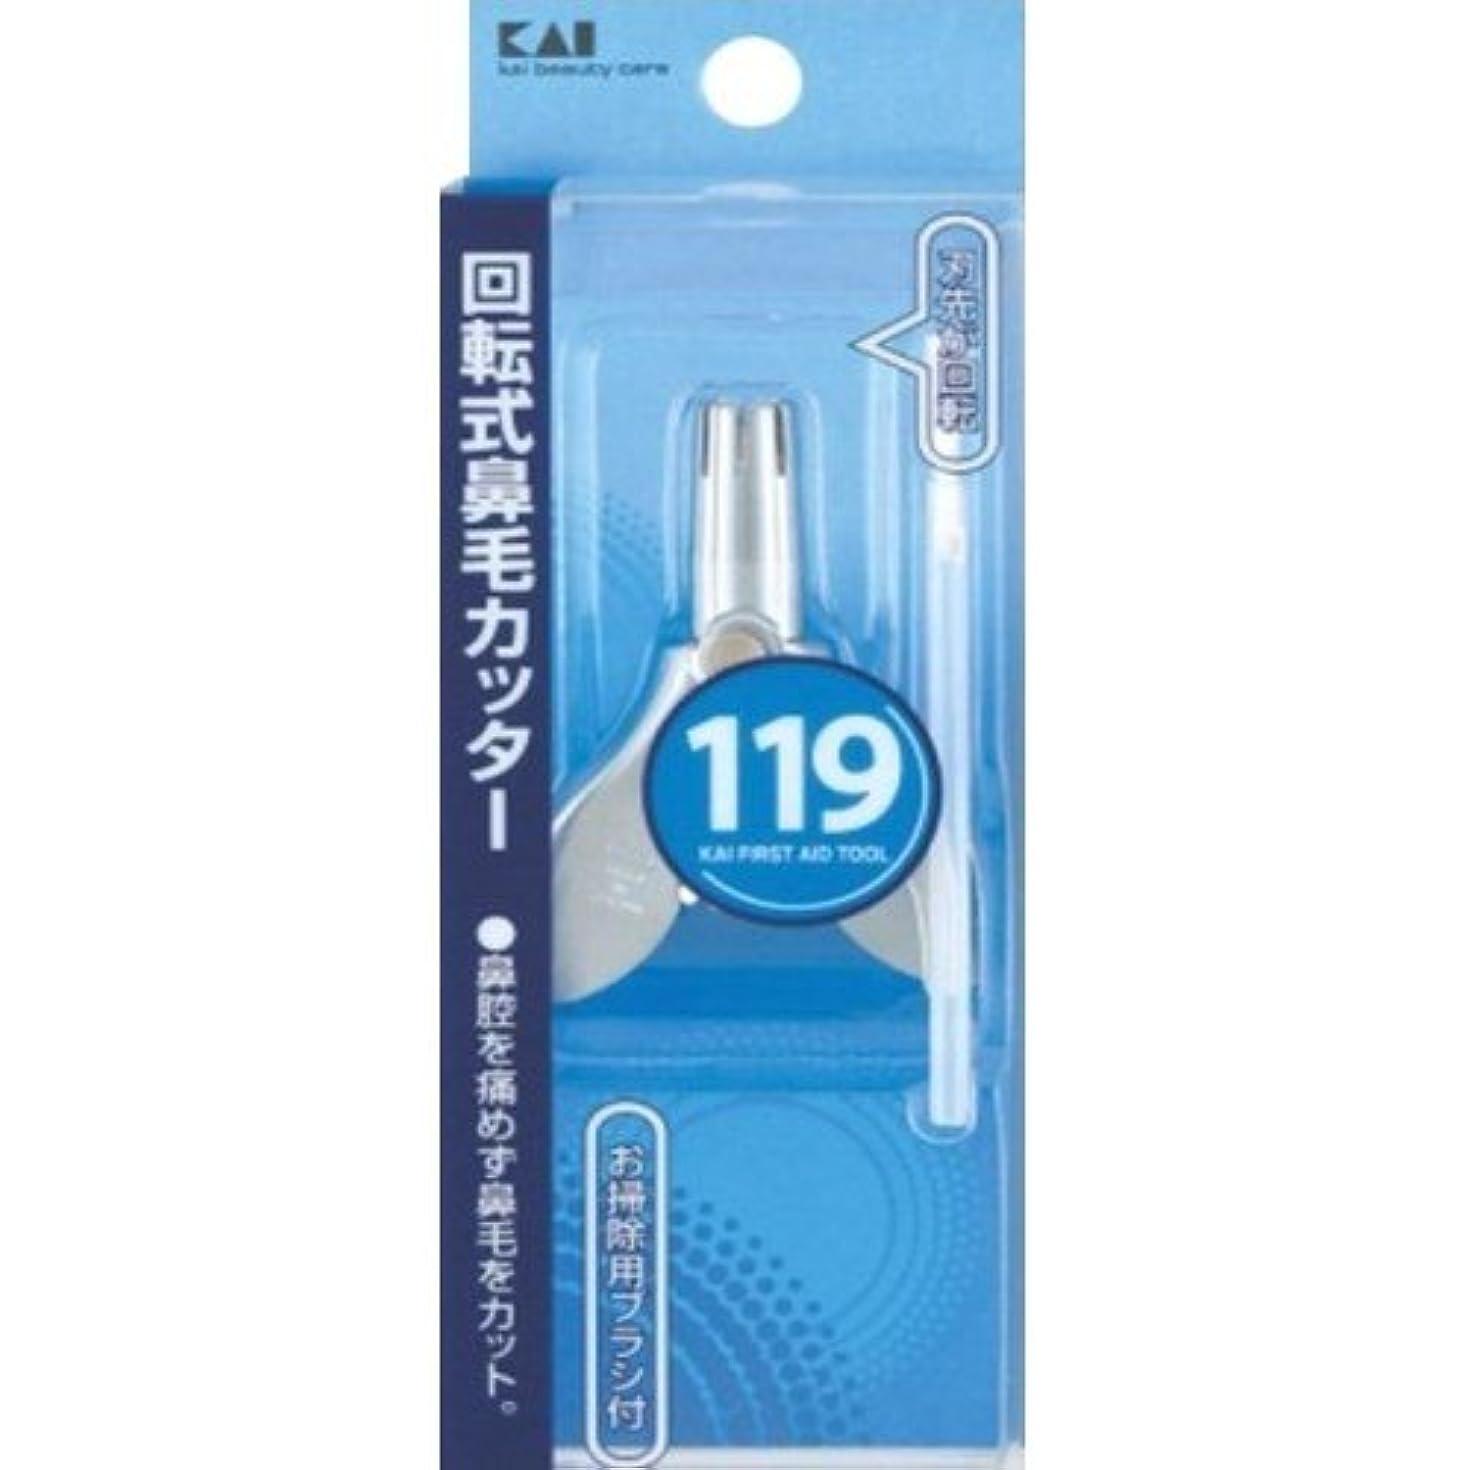 貫通免除あいにく貝印 119 回転式鼻毛カッター KF1038